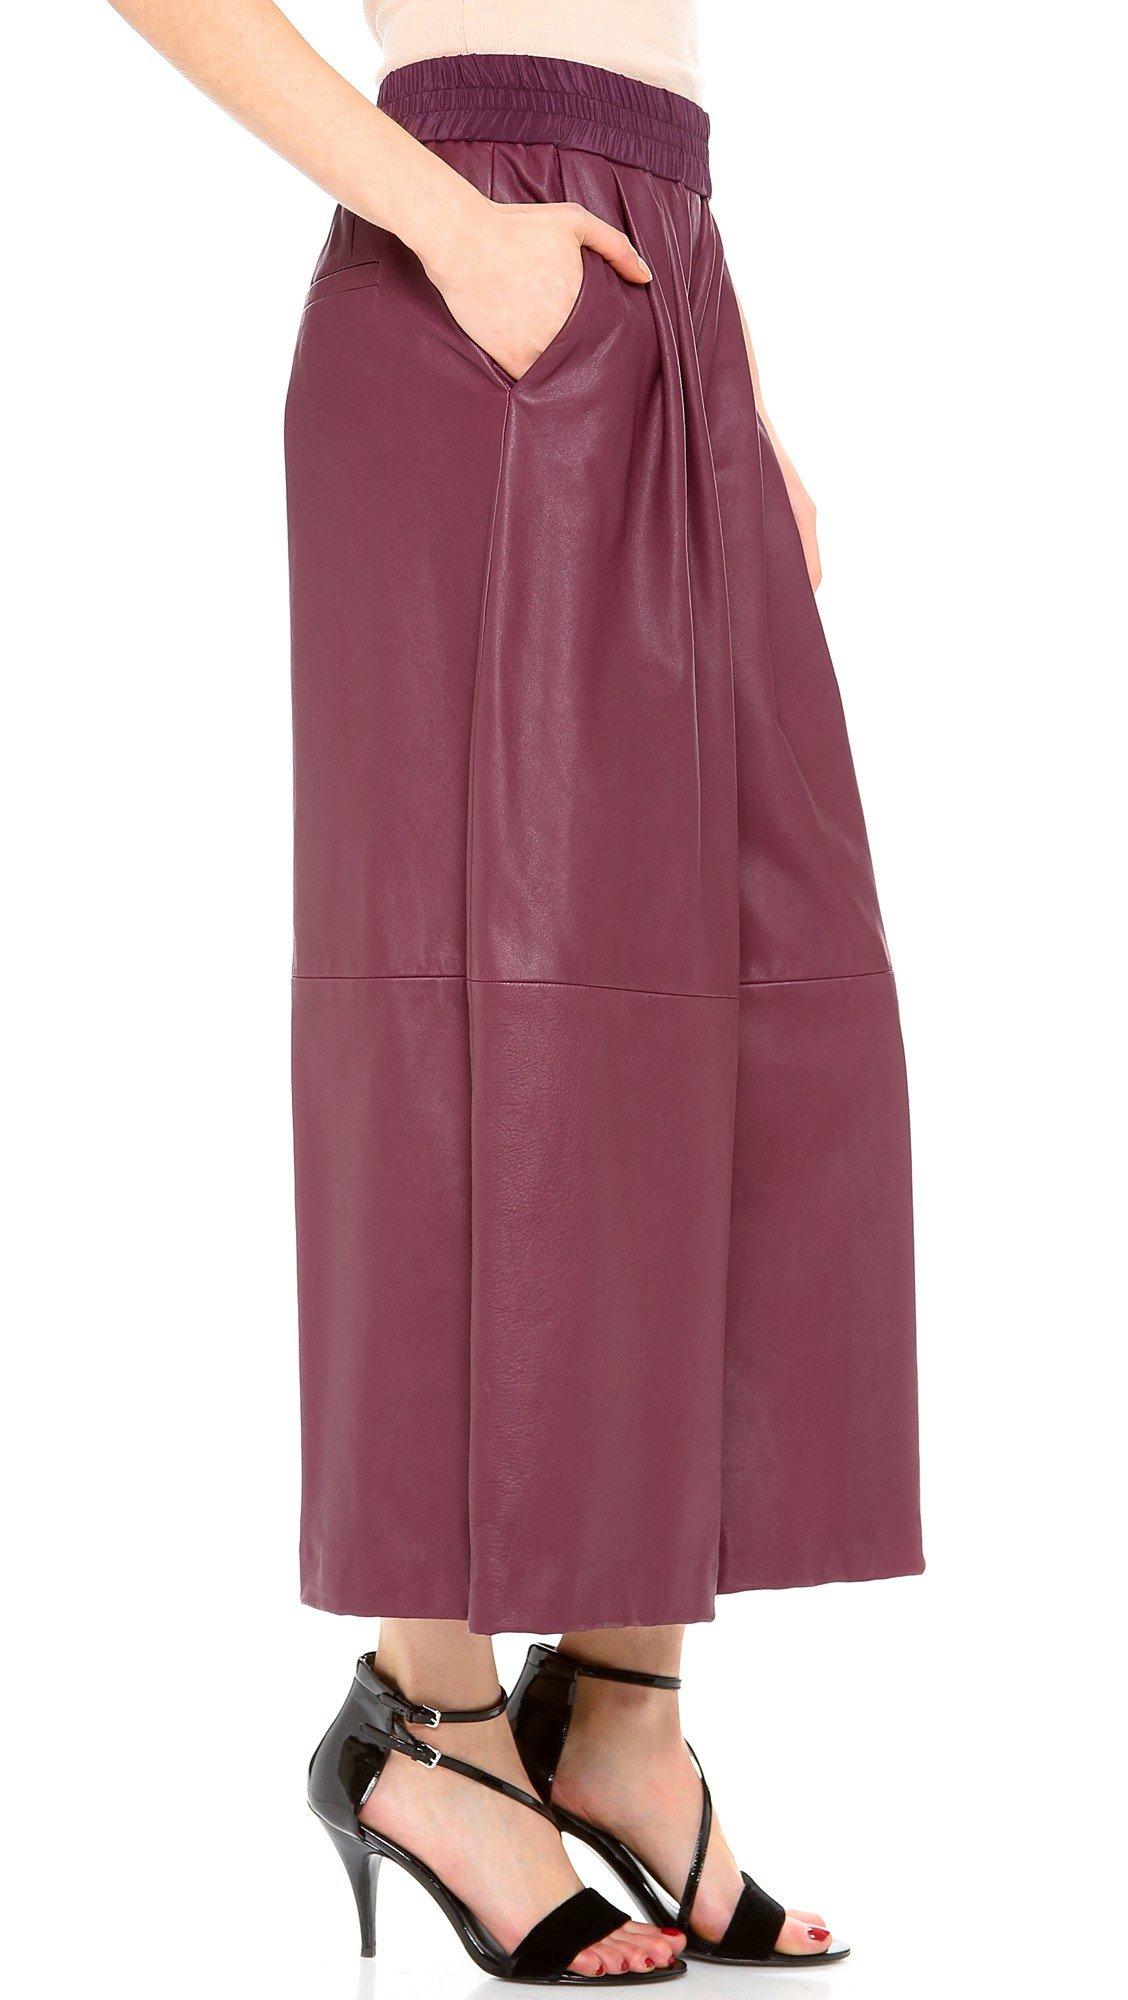 бордовые брюки-кюлоты и босоножки на каблуке